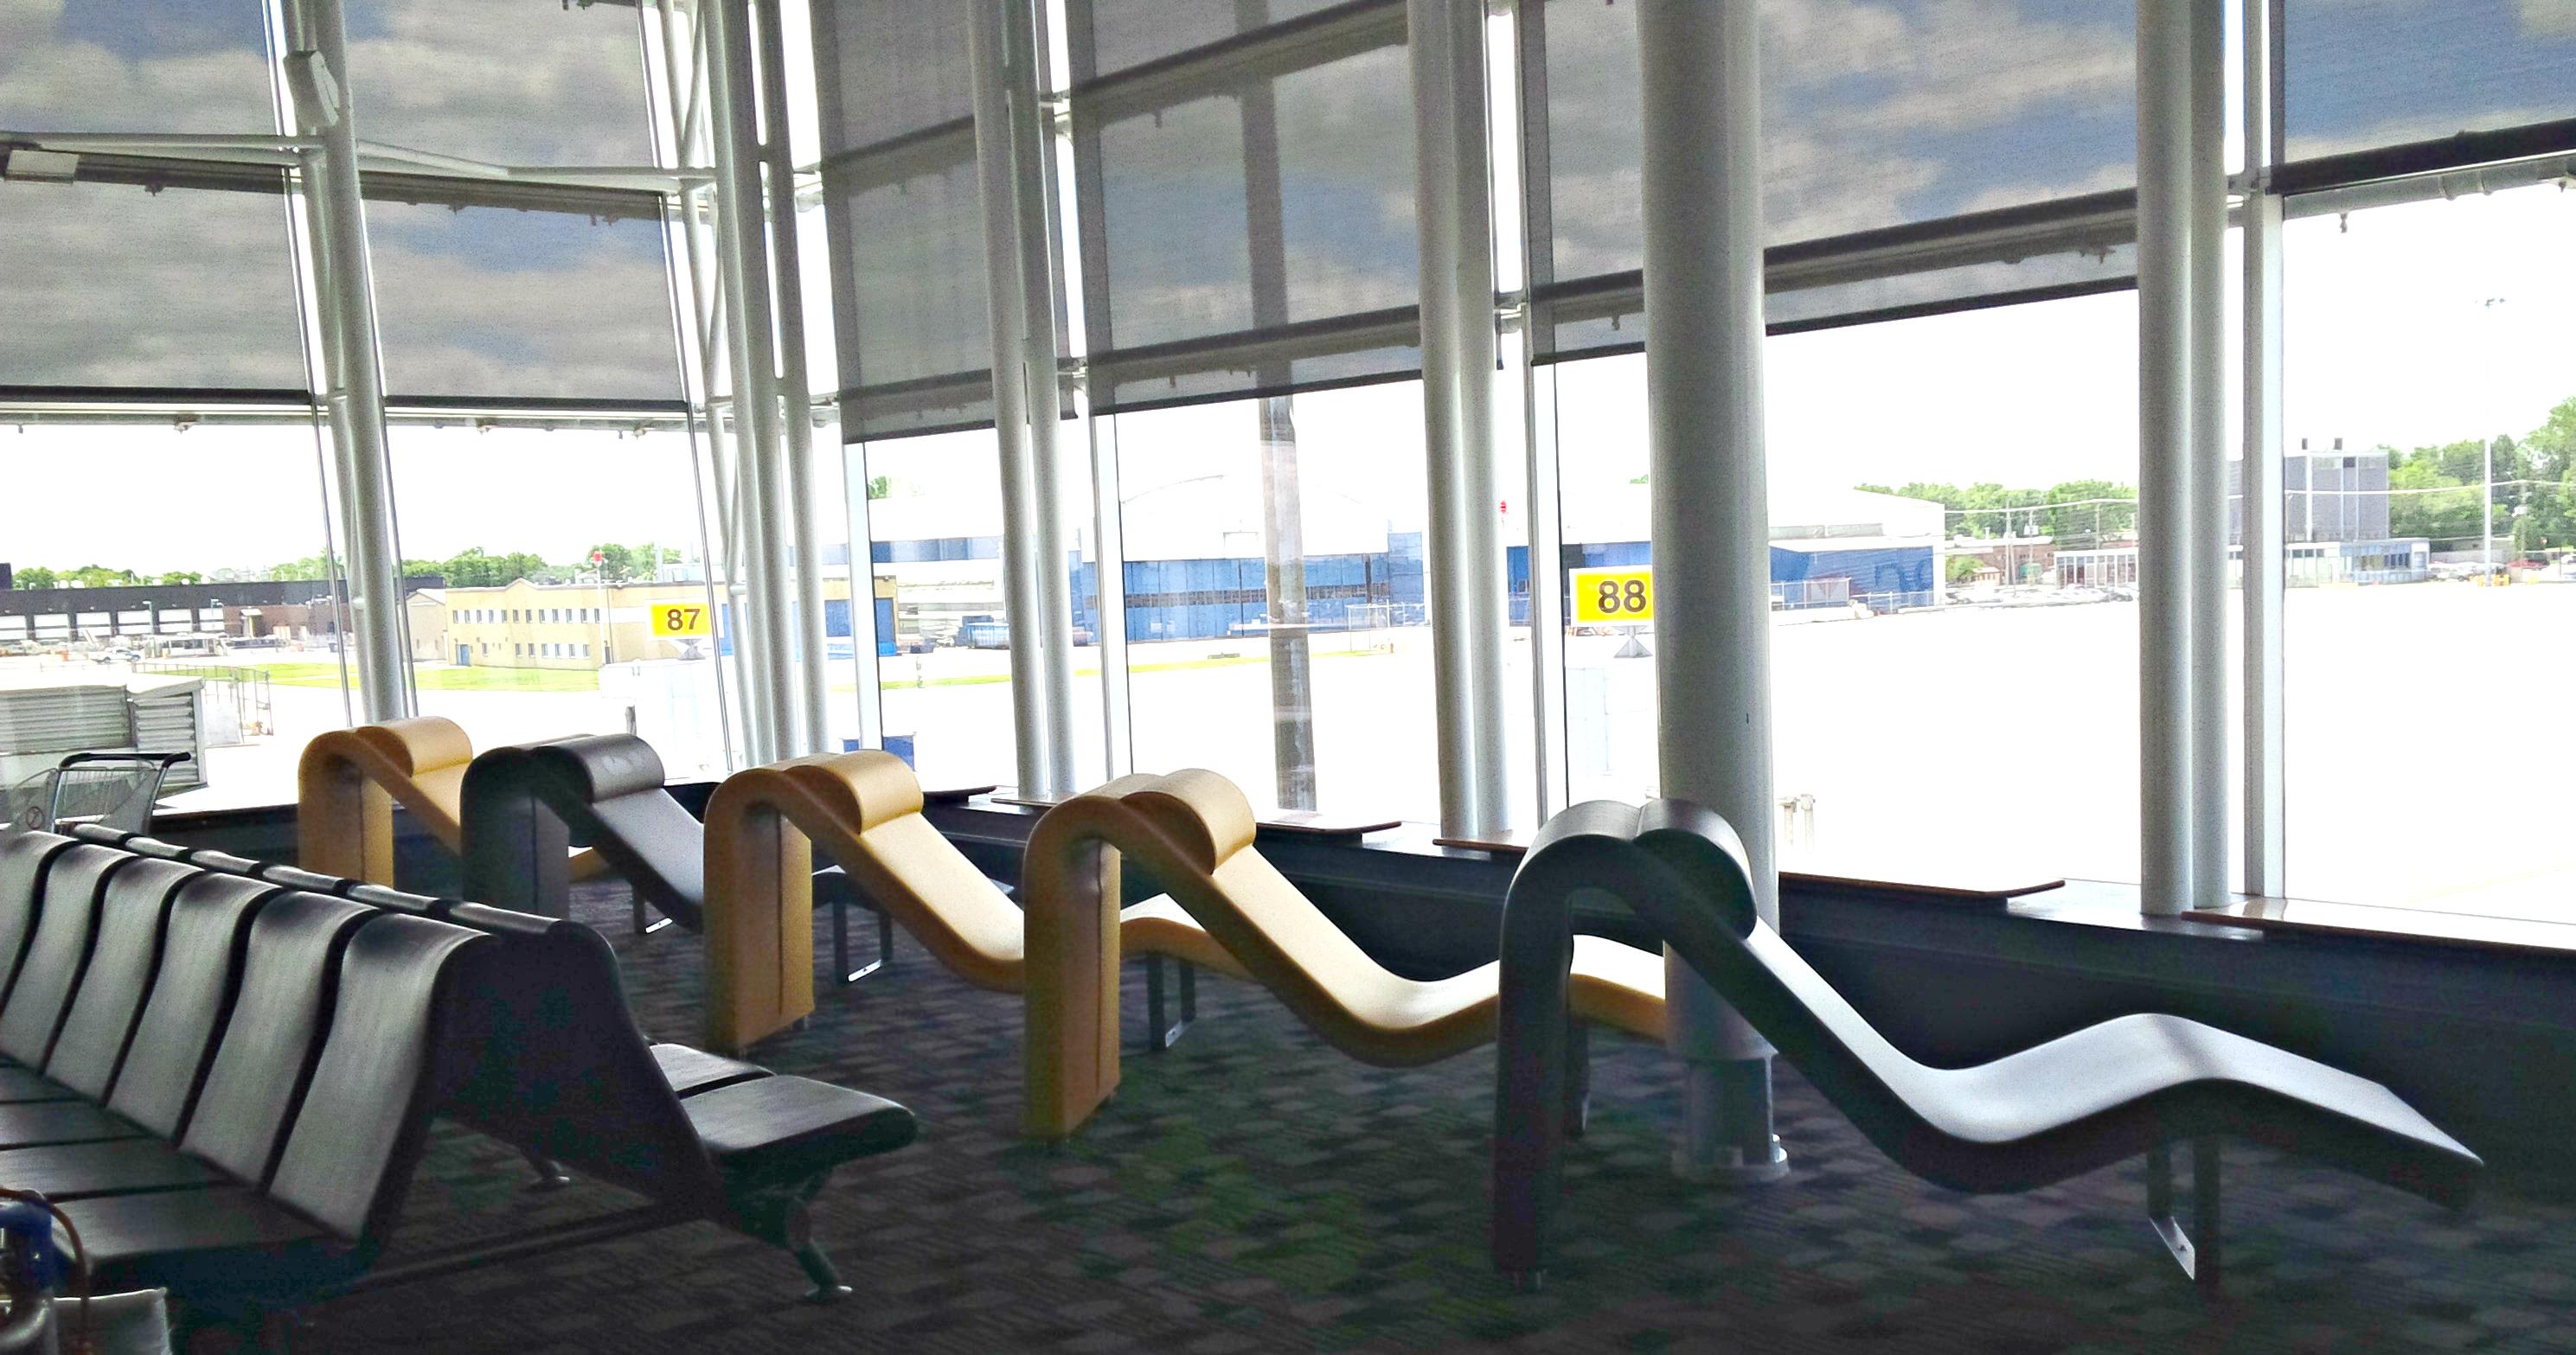 Montréal Trudeau Airport – International Lounge Concourse